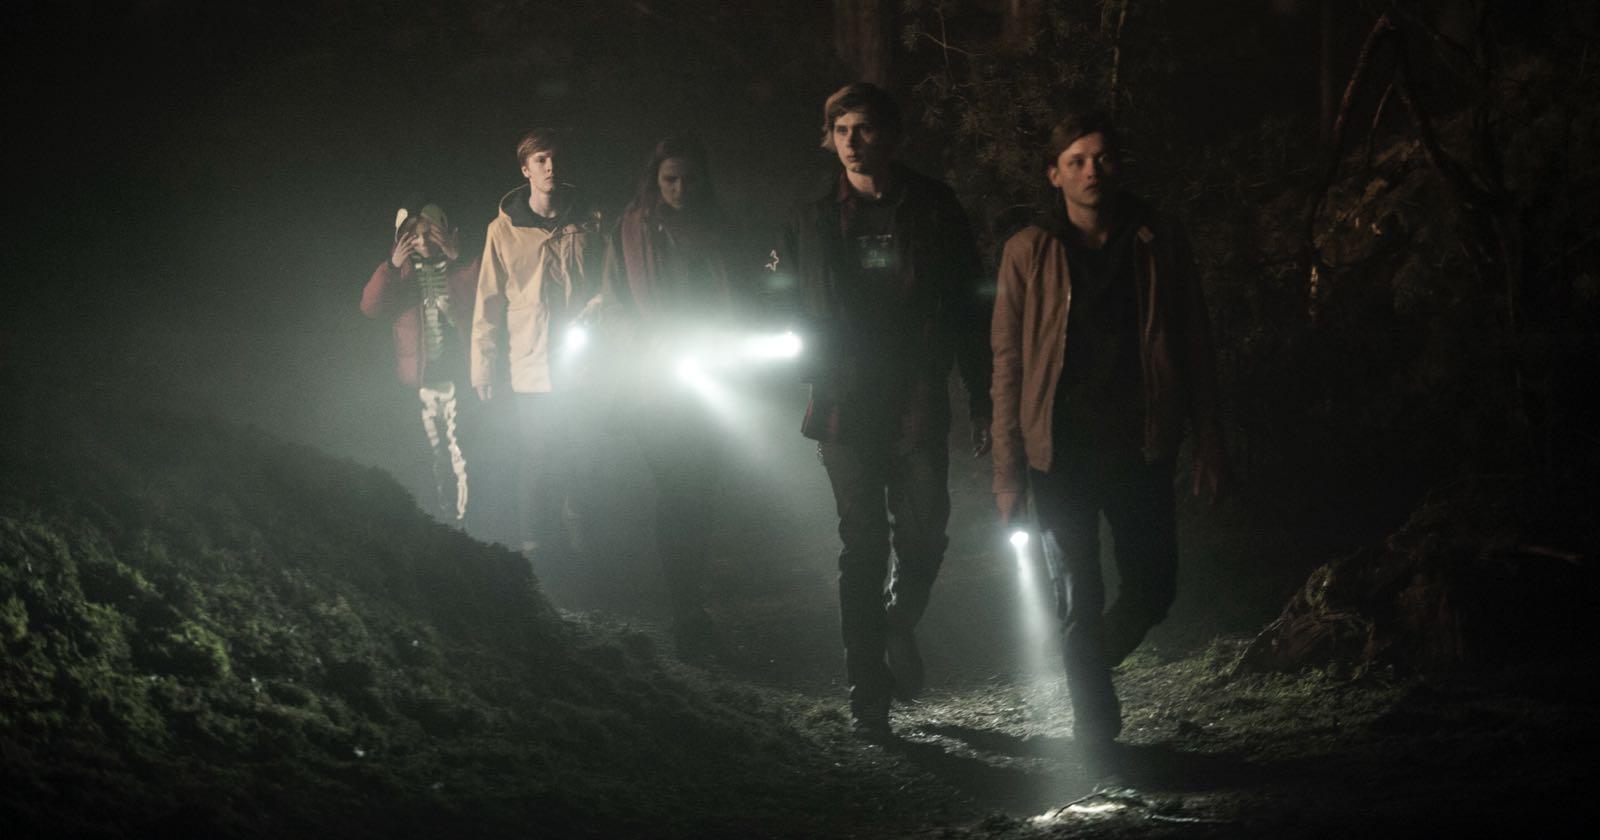 Parte del elenco de actores de la serie Dark